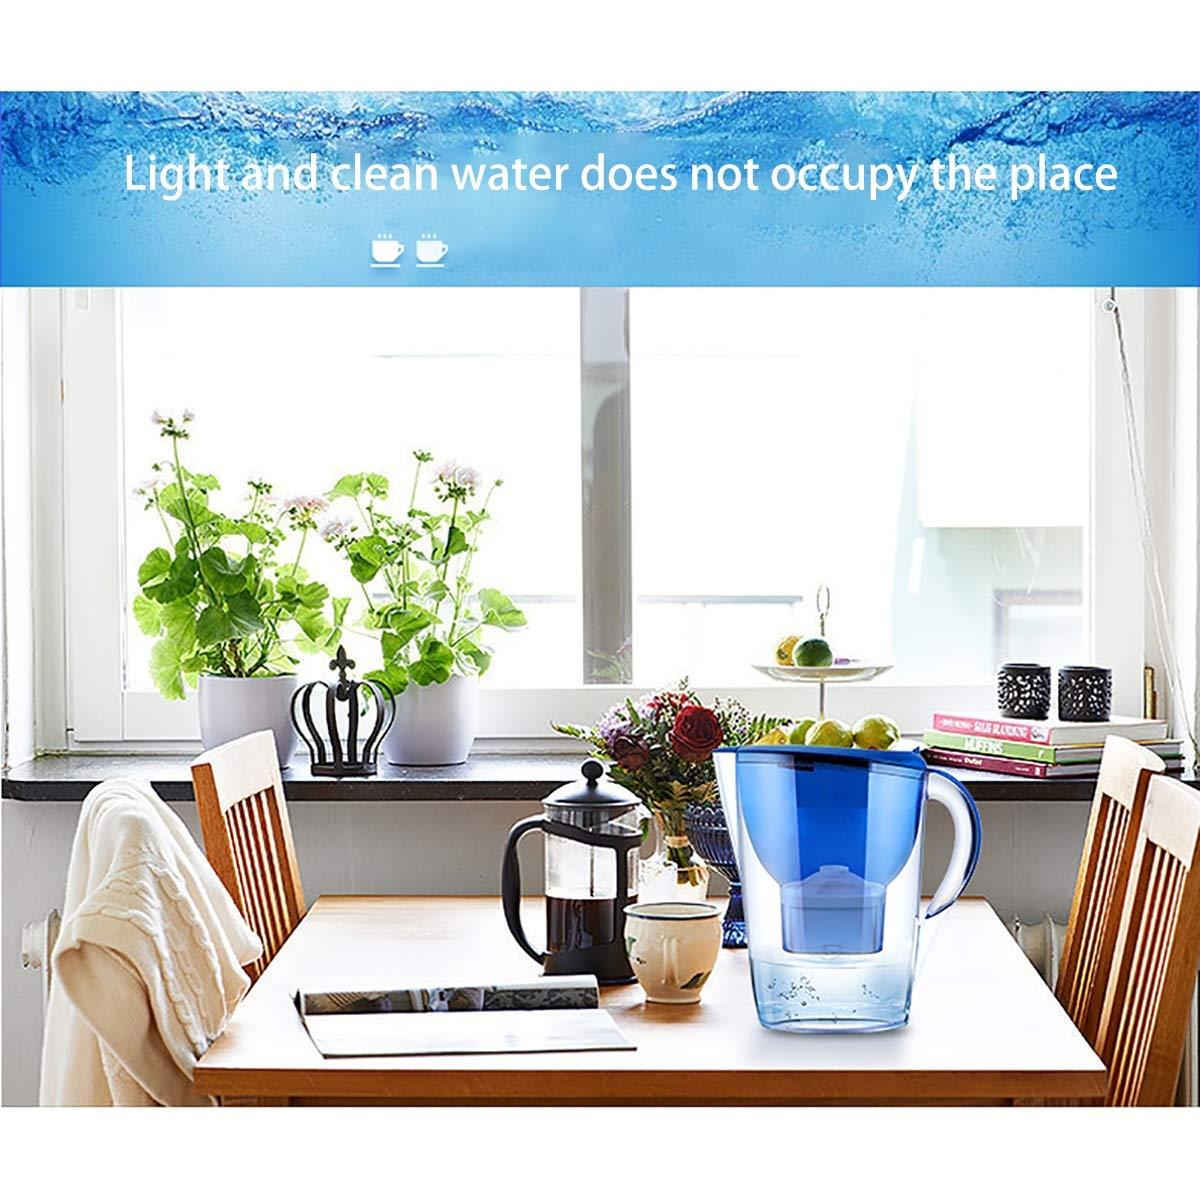 SOYYD Jarra con Filtro de Agua de 3,5 l y Paquete de 1 Cartuchos de Filtro de Agua Gratis (Paquete de 2 en Total), Jarra Purificadora Transparente, Pequeño,Azul: Amazon.es: Hogar